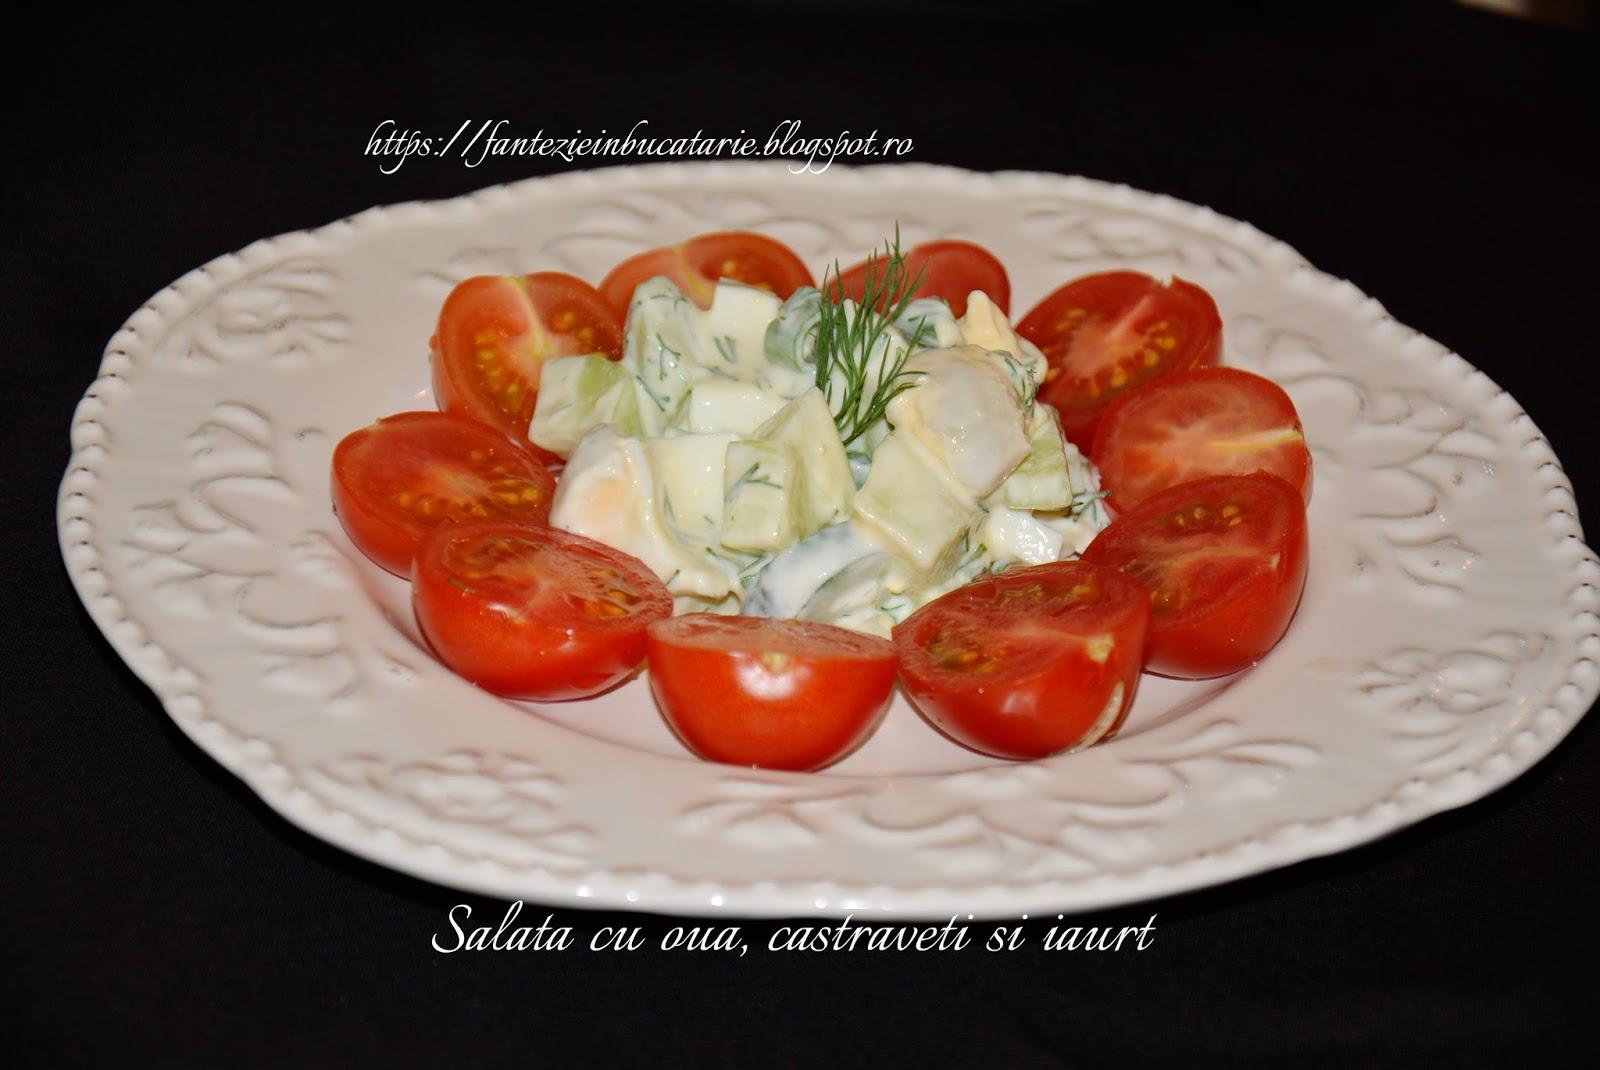 salata de castraveti dieta